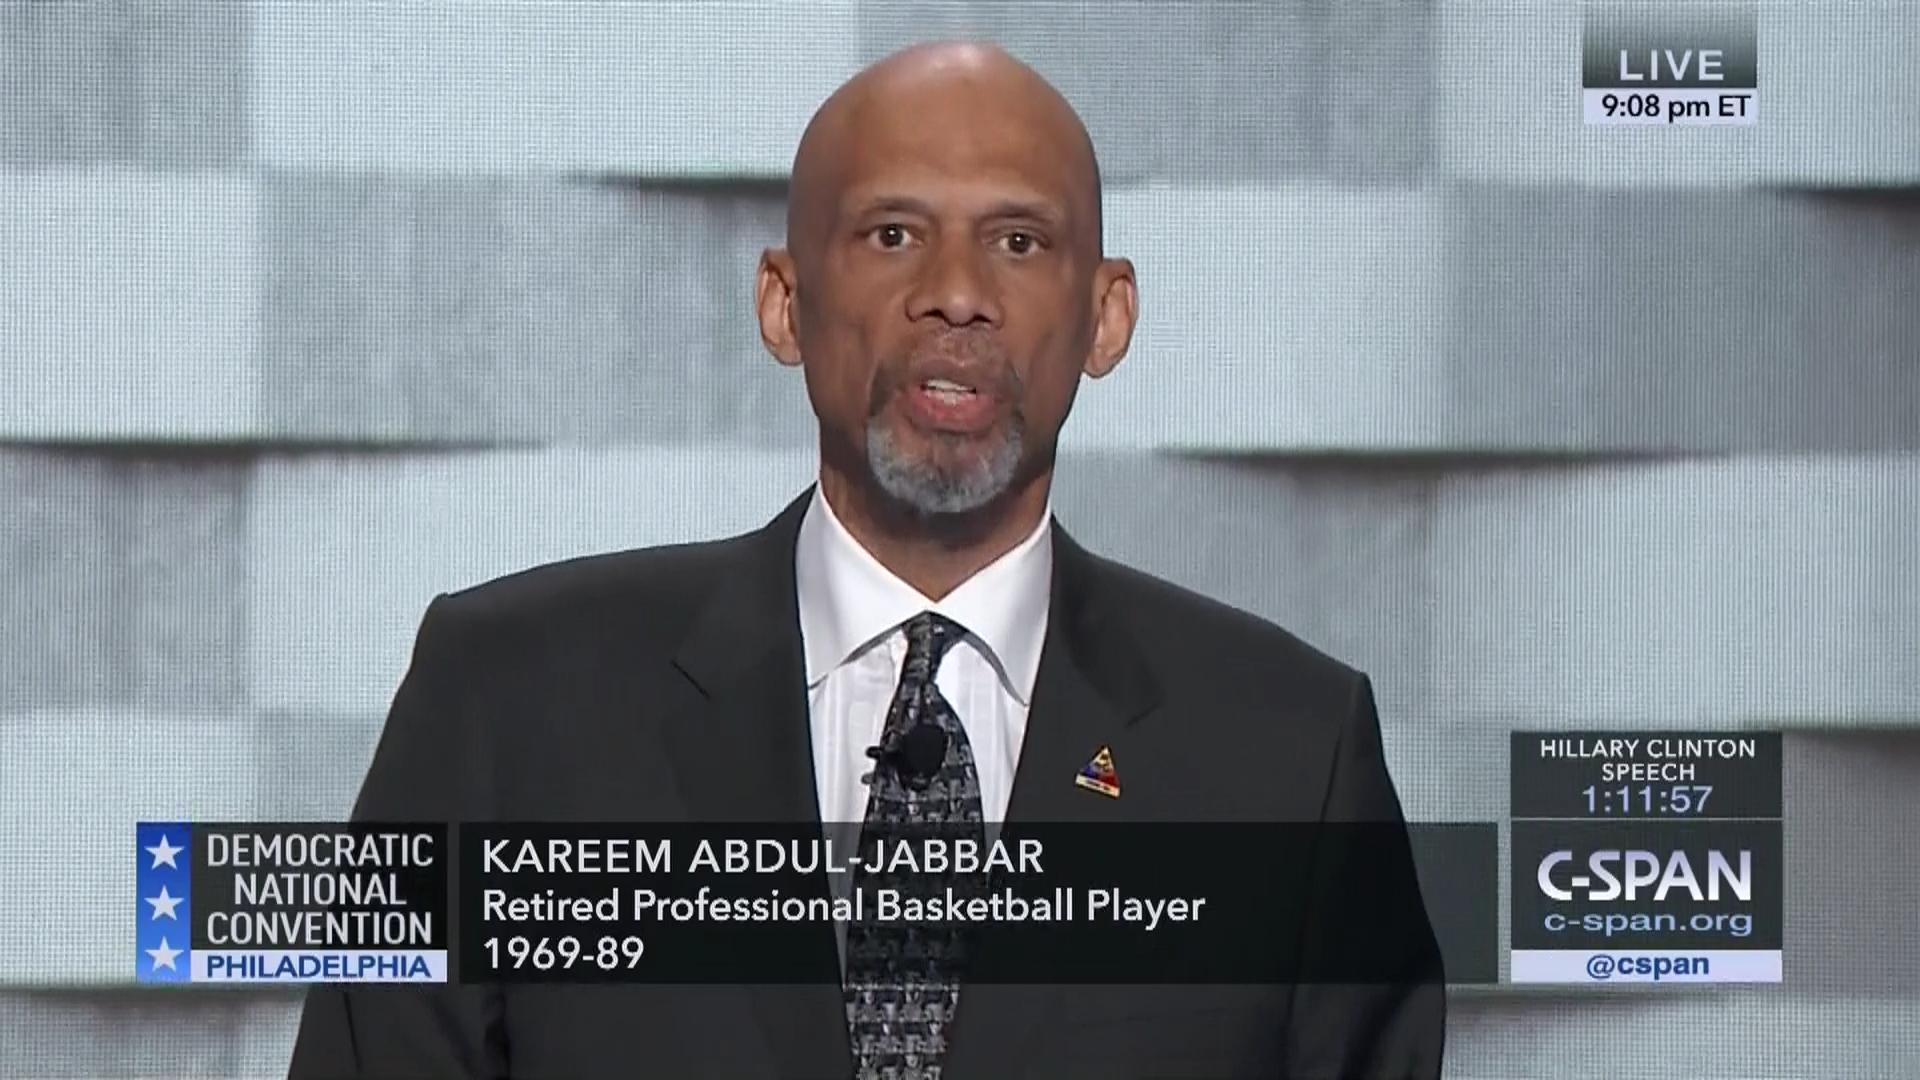 Kareem Abdul-Jabbar | User Clip | C-SPAN.org